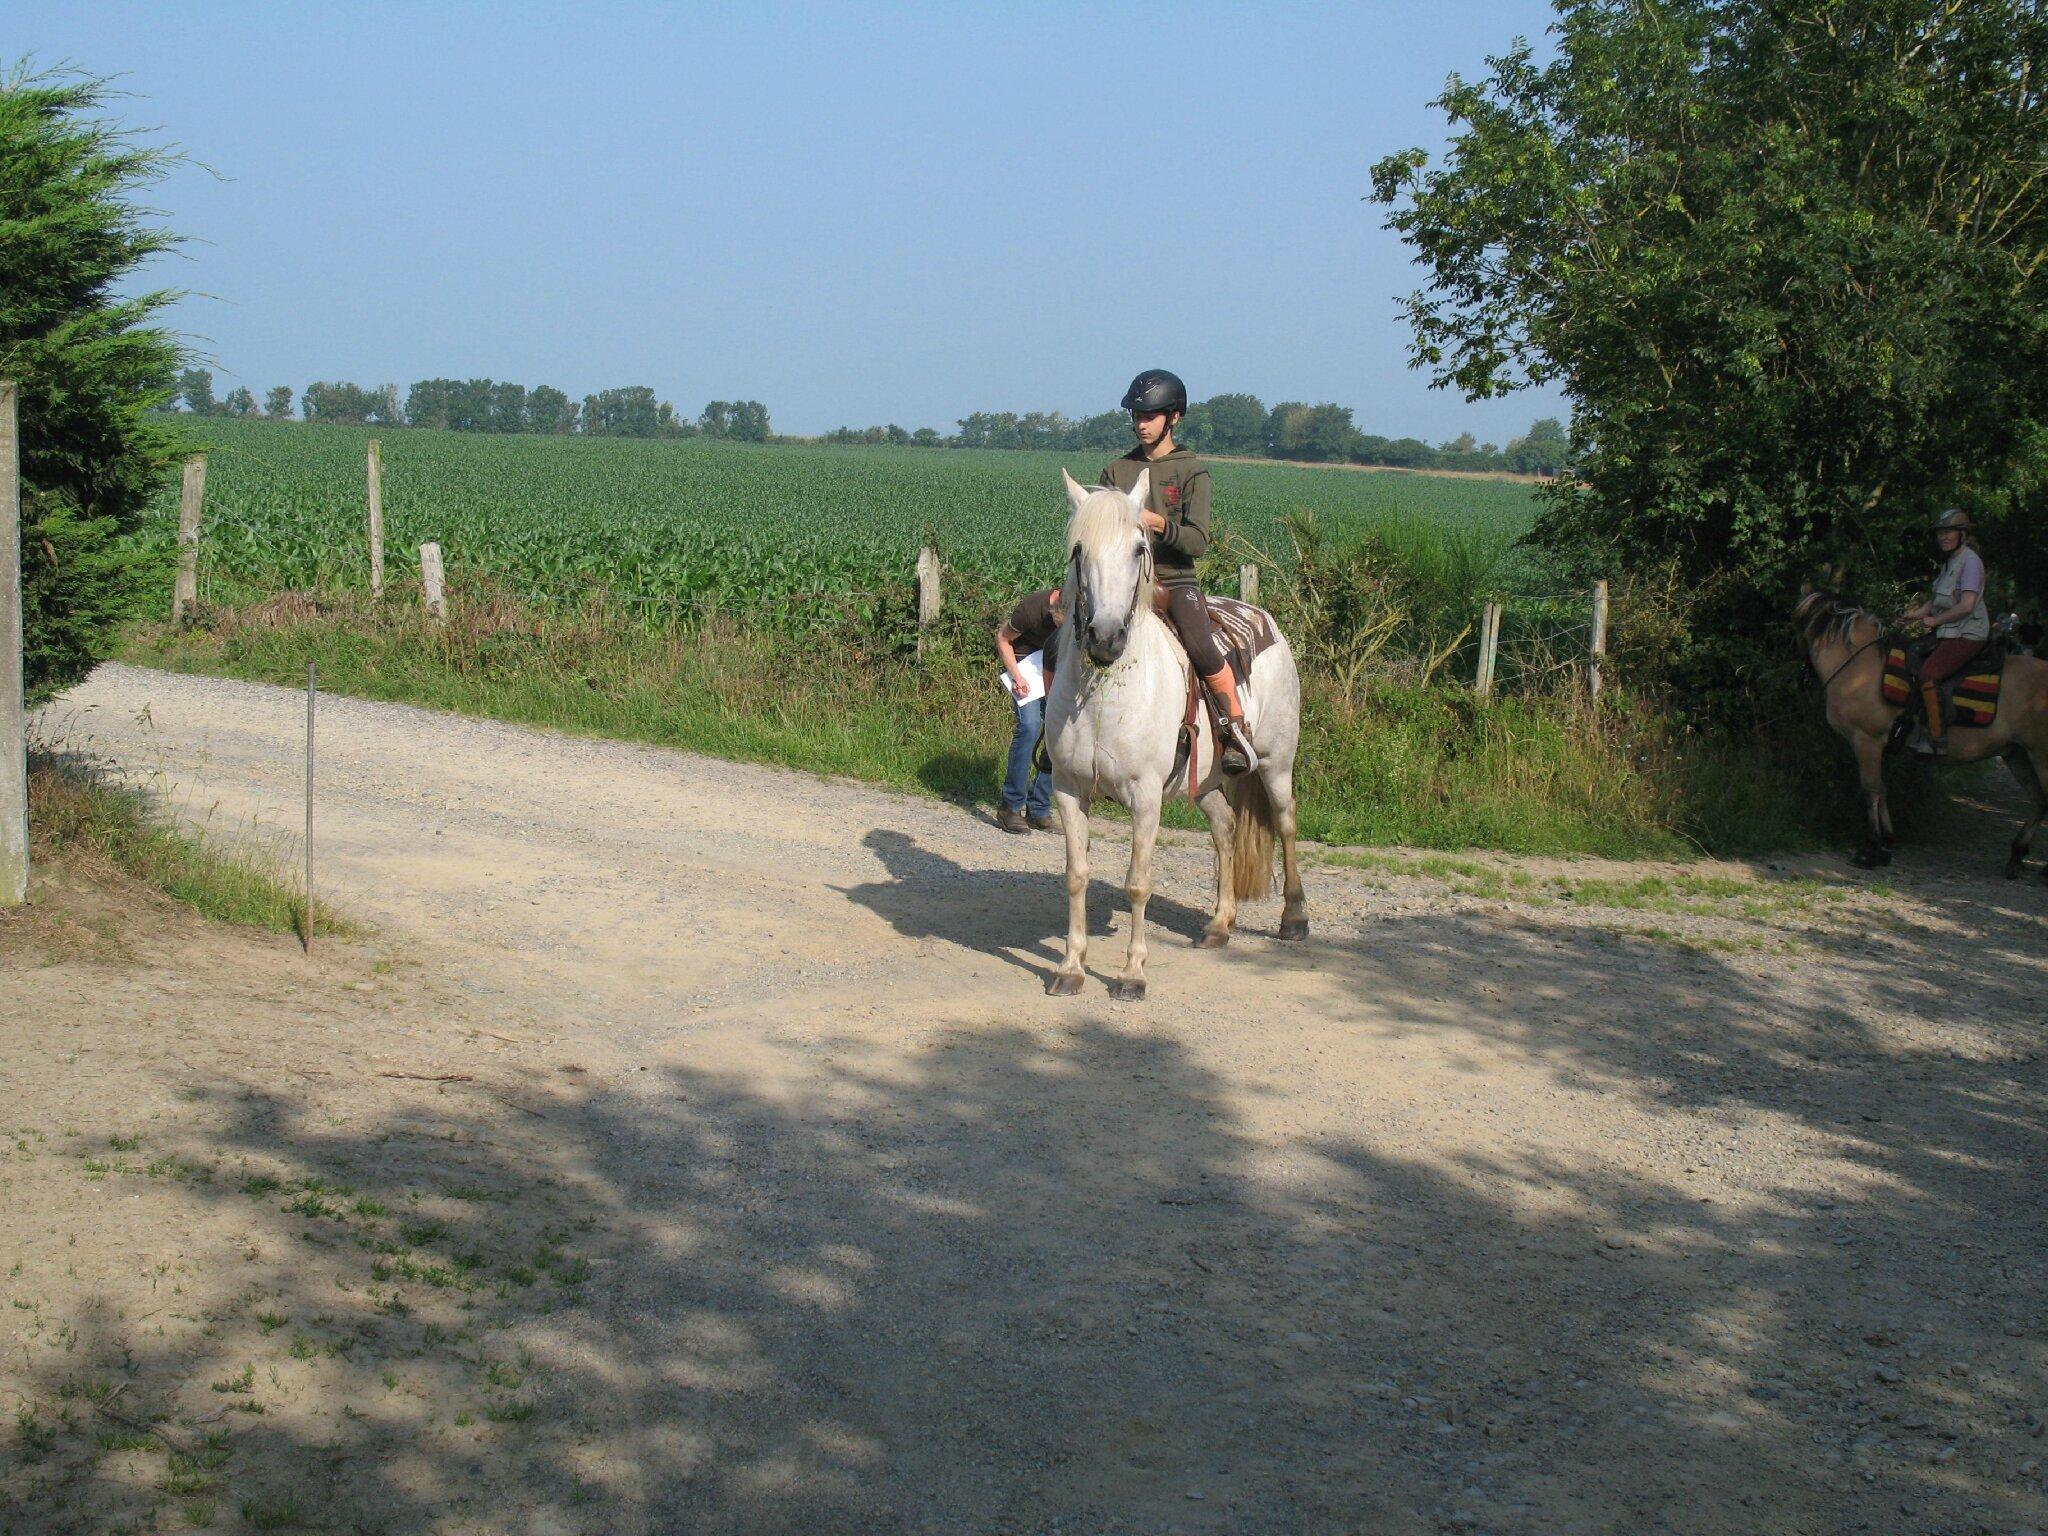 jeu du fer à cheval (10)